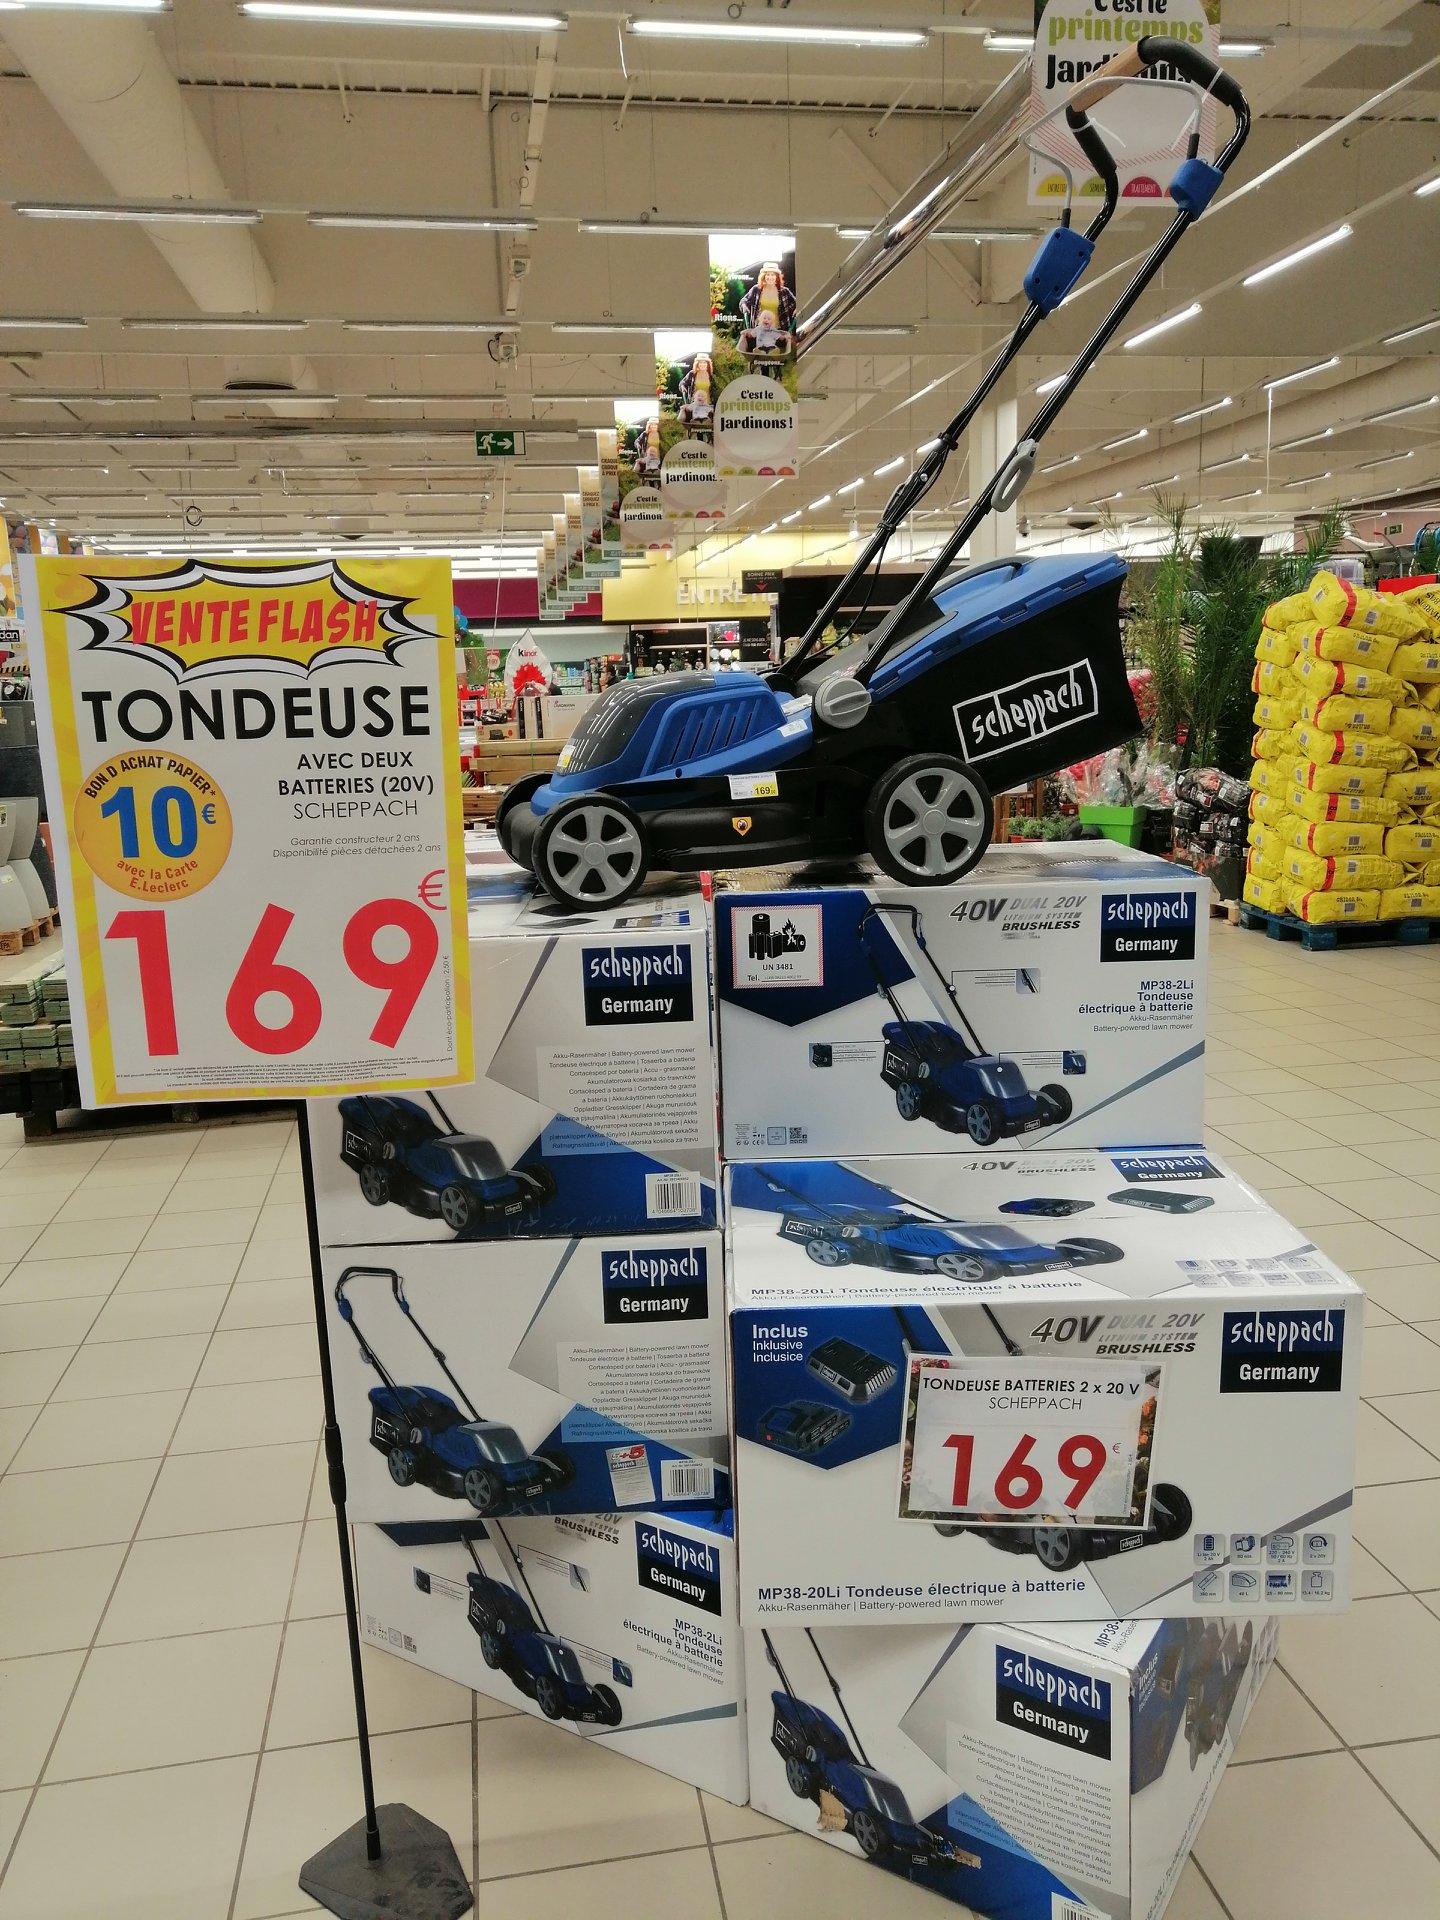 Tondeuse électrique MP-38 Sans Fil Scheppach avec 2 Batteries 2.5Ah (Via 10€ en Bon d'achat) - Lescure d'Albigeois (81)